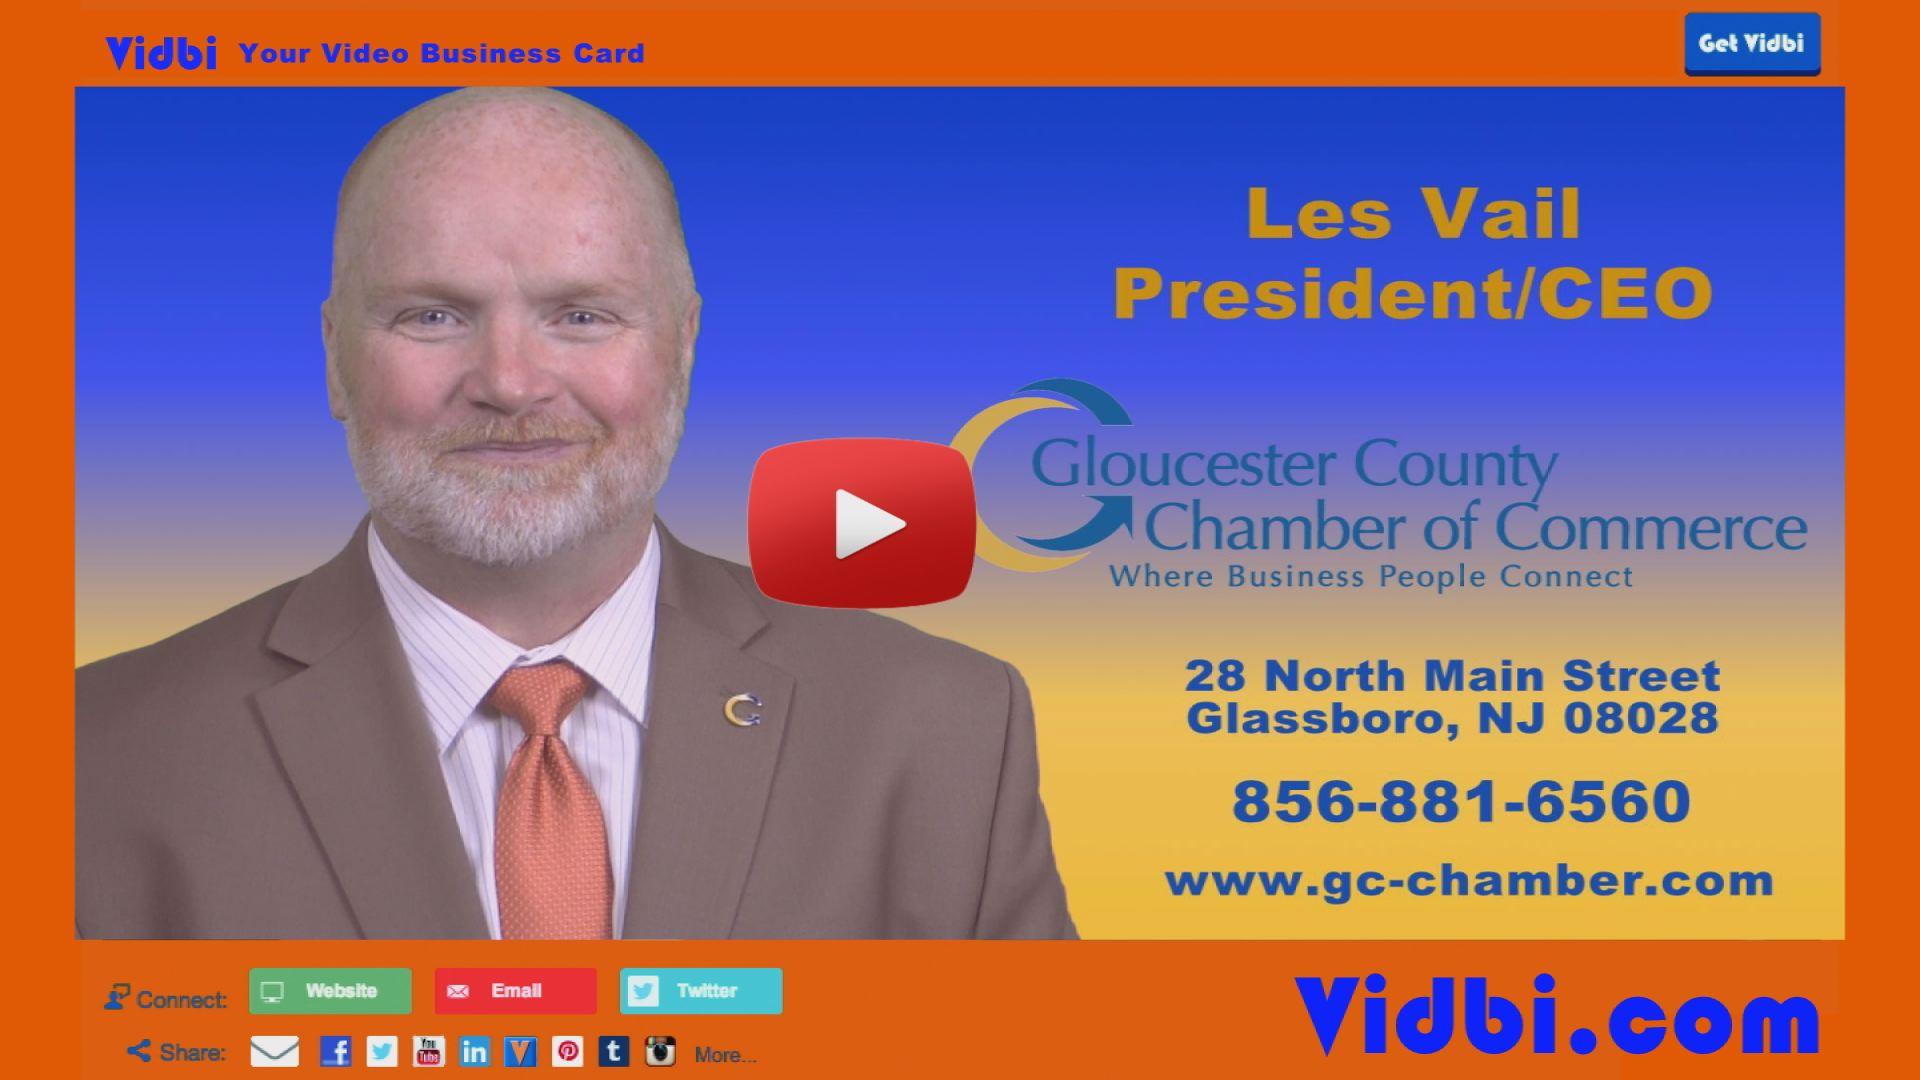 Les Vail - Gloucester County Chamber of Commerce President Vidbi